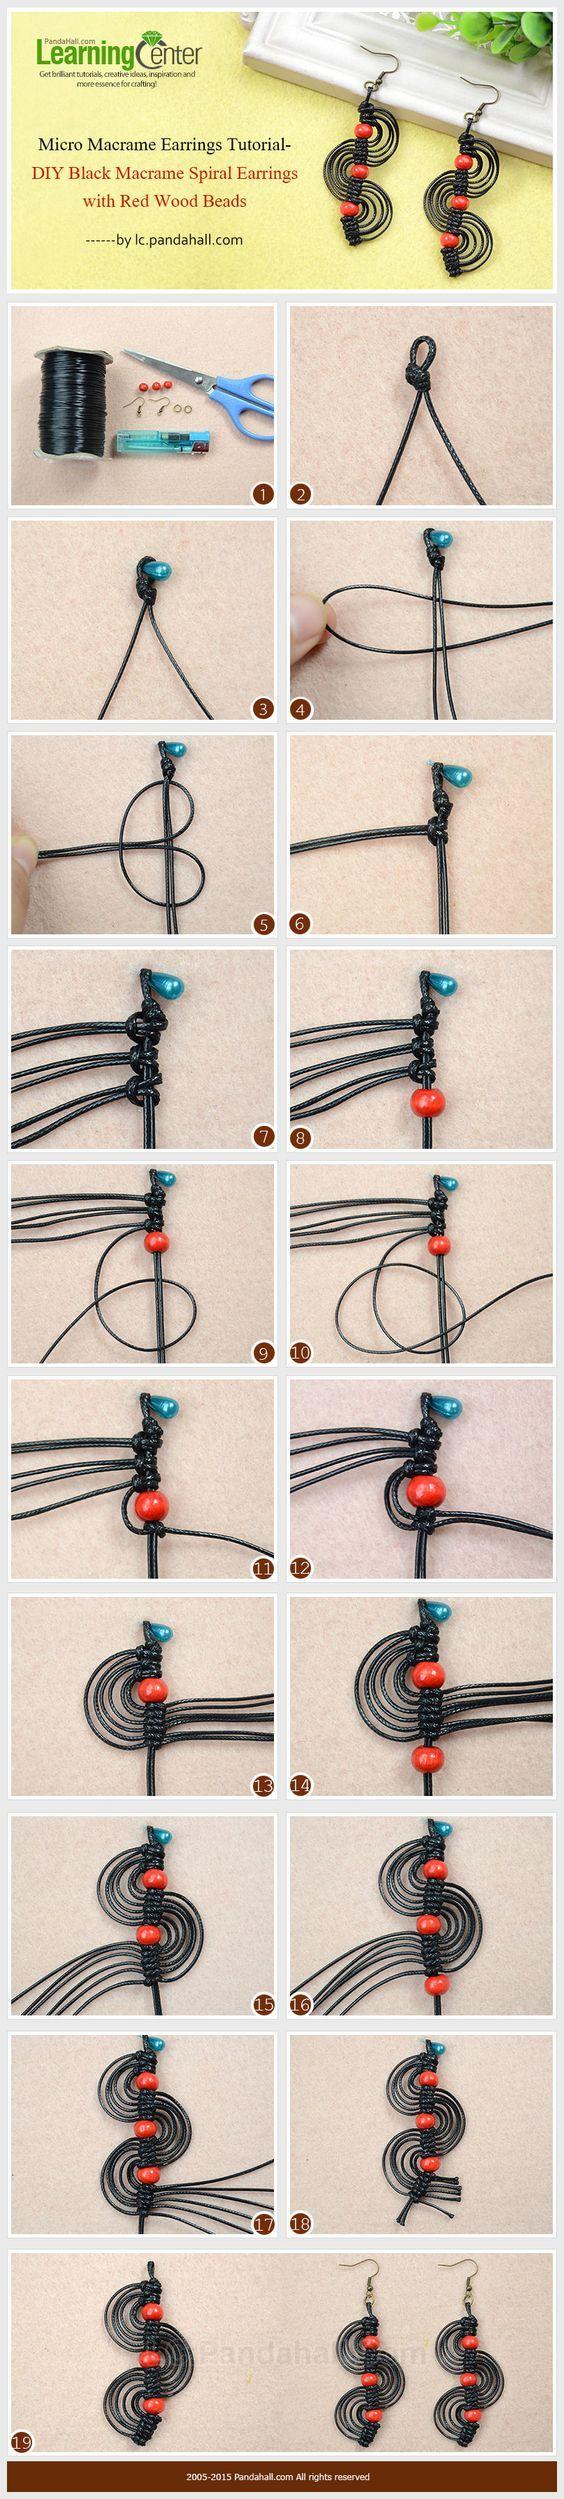 Micro Macrame Earrings Tutorial-DIY Black Macrame Spiral Earrings with Red Wood Beads: